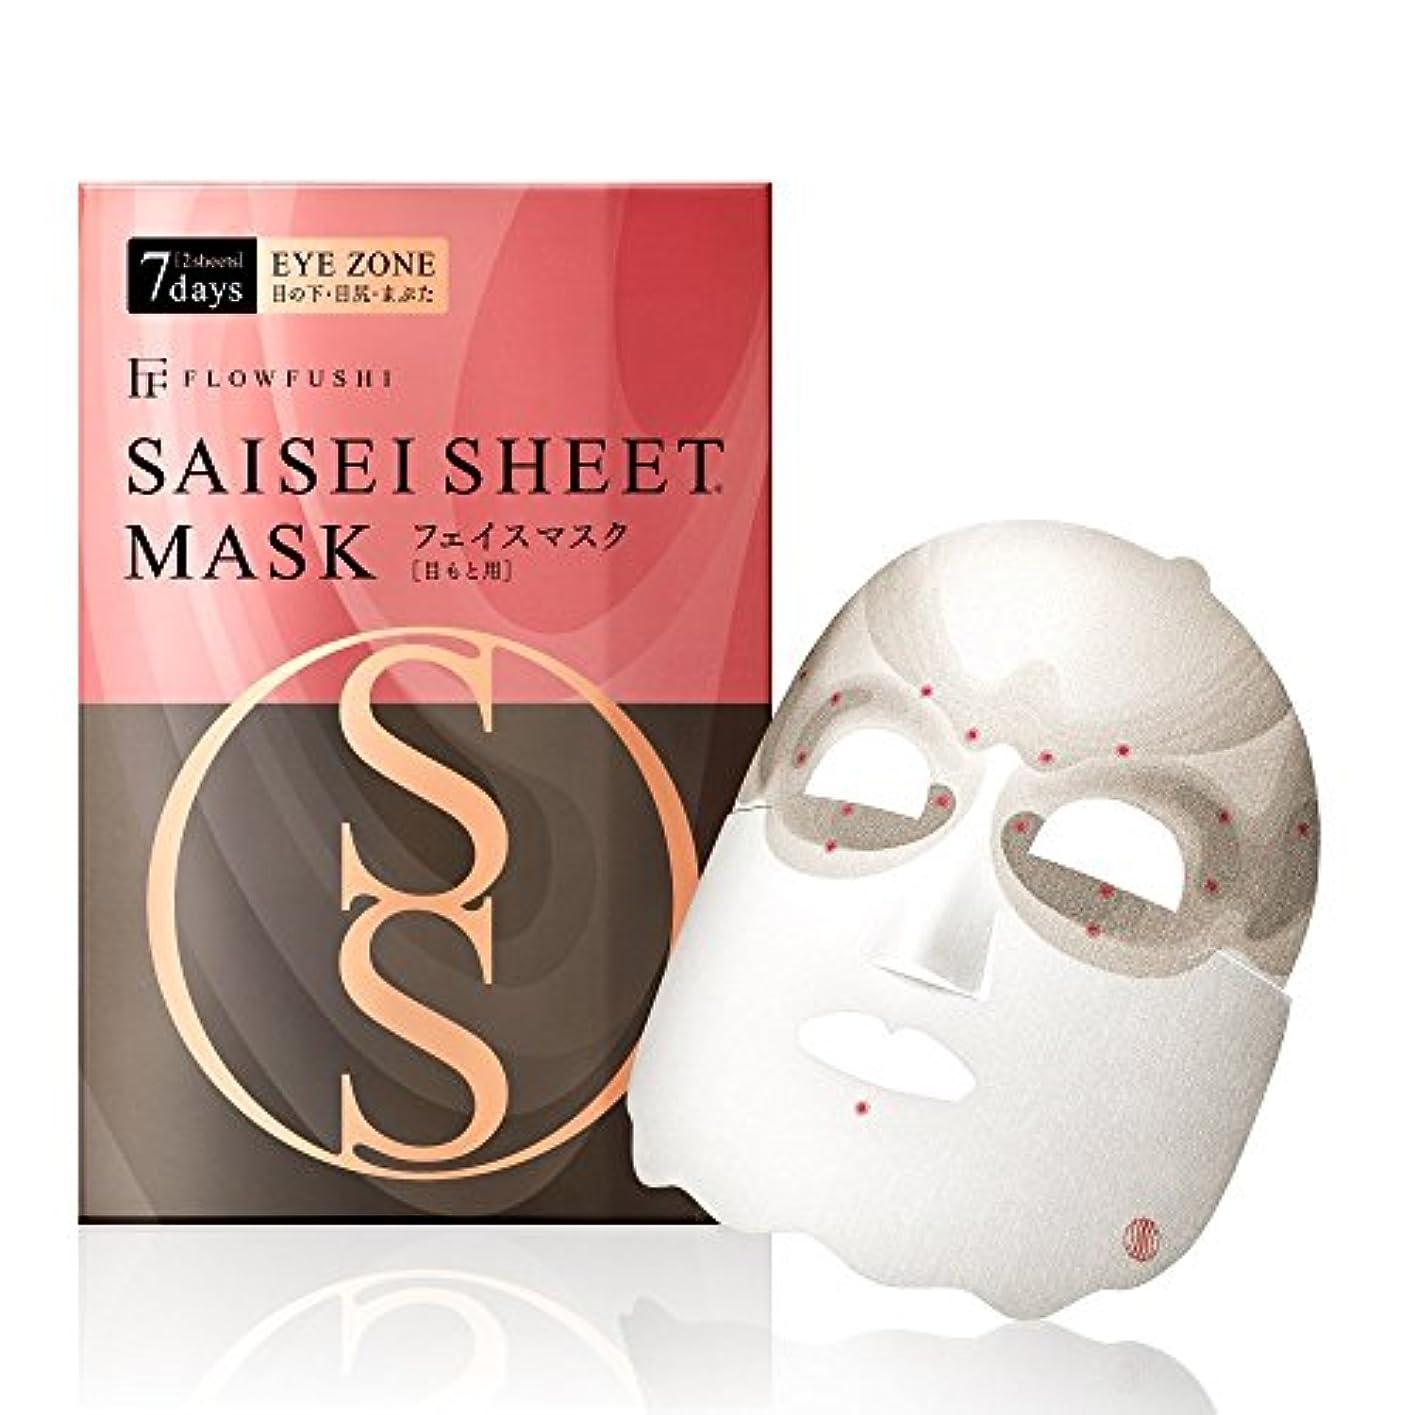 泥だらけ有効なスピリチュアルSAISEIシート マスク [目もと用] 7days 2sheets